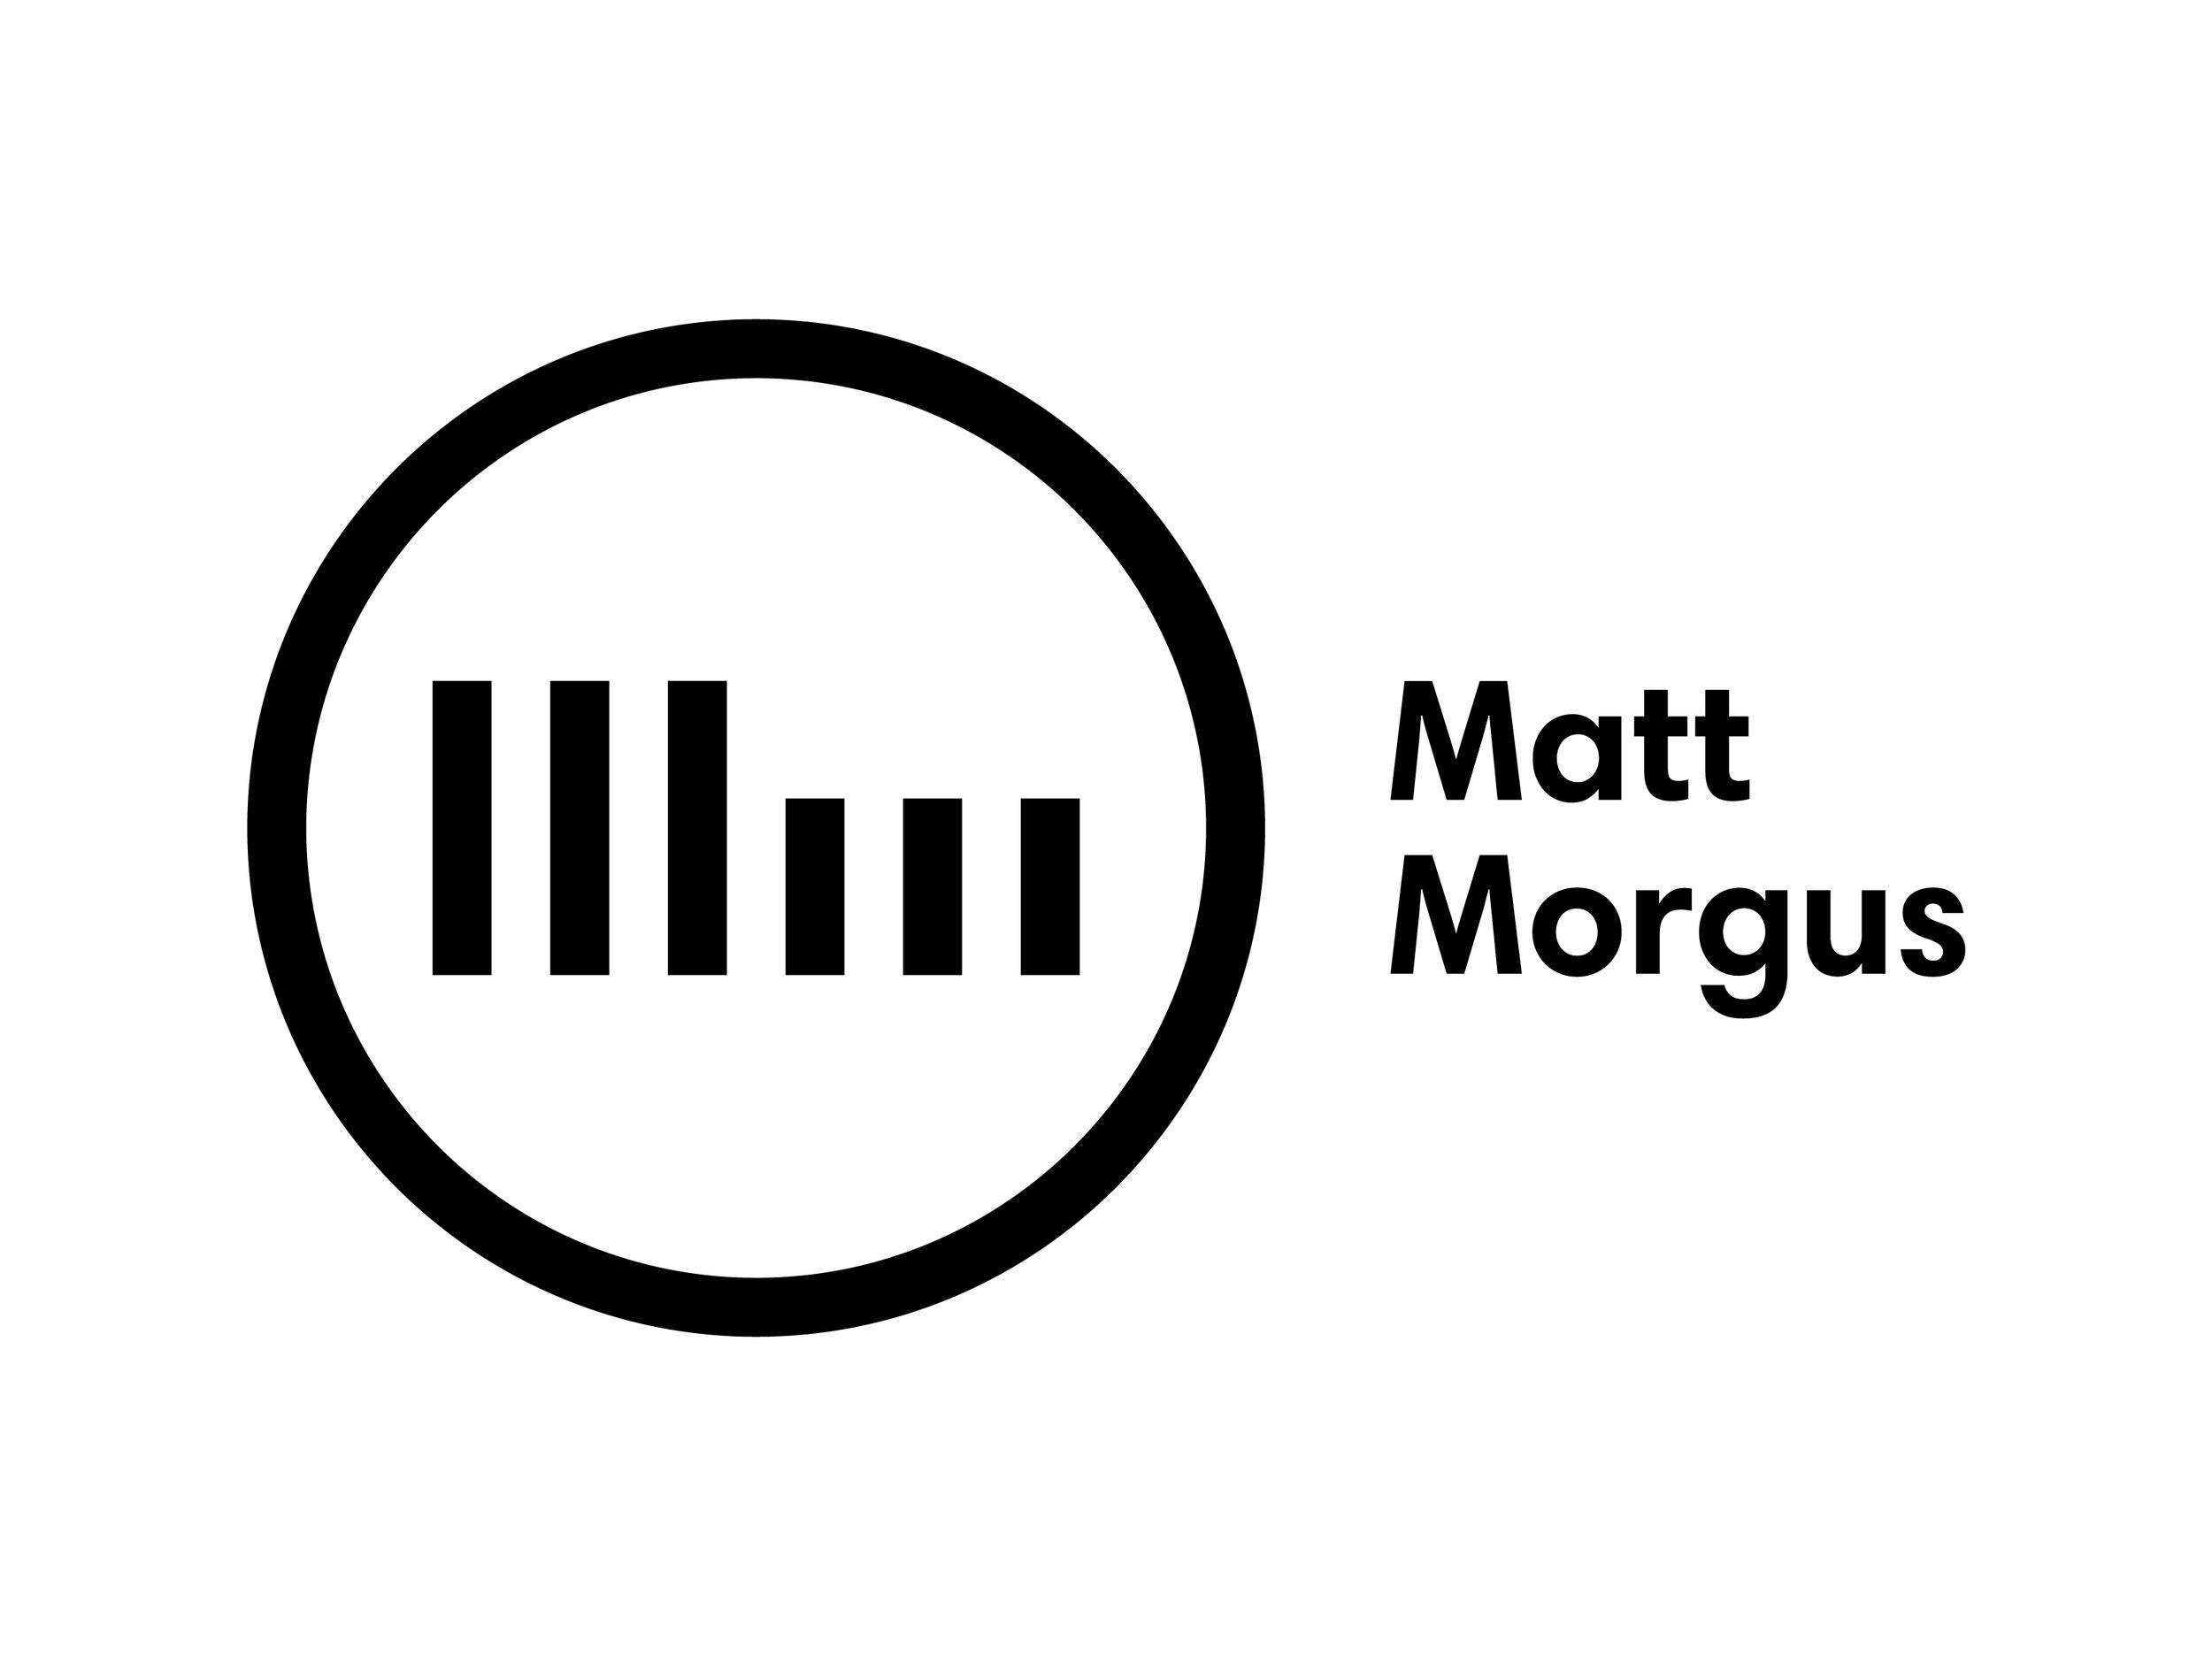 matt-morgus-logo